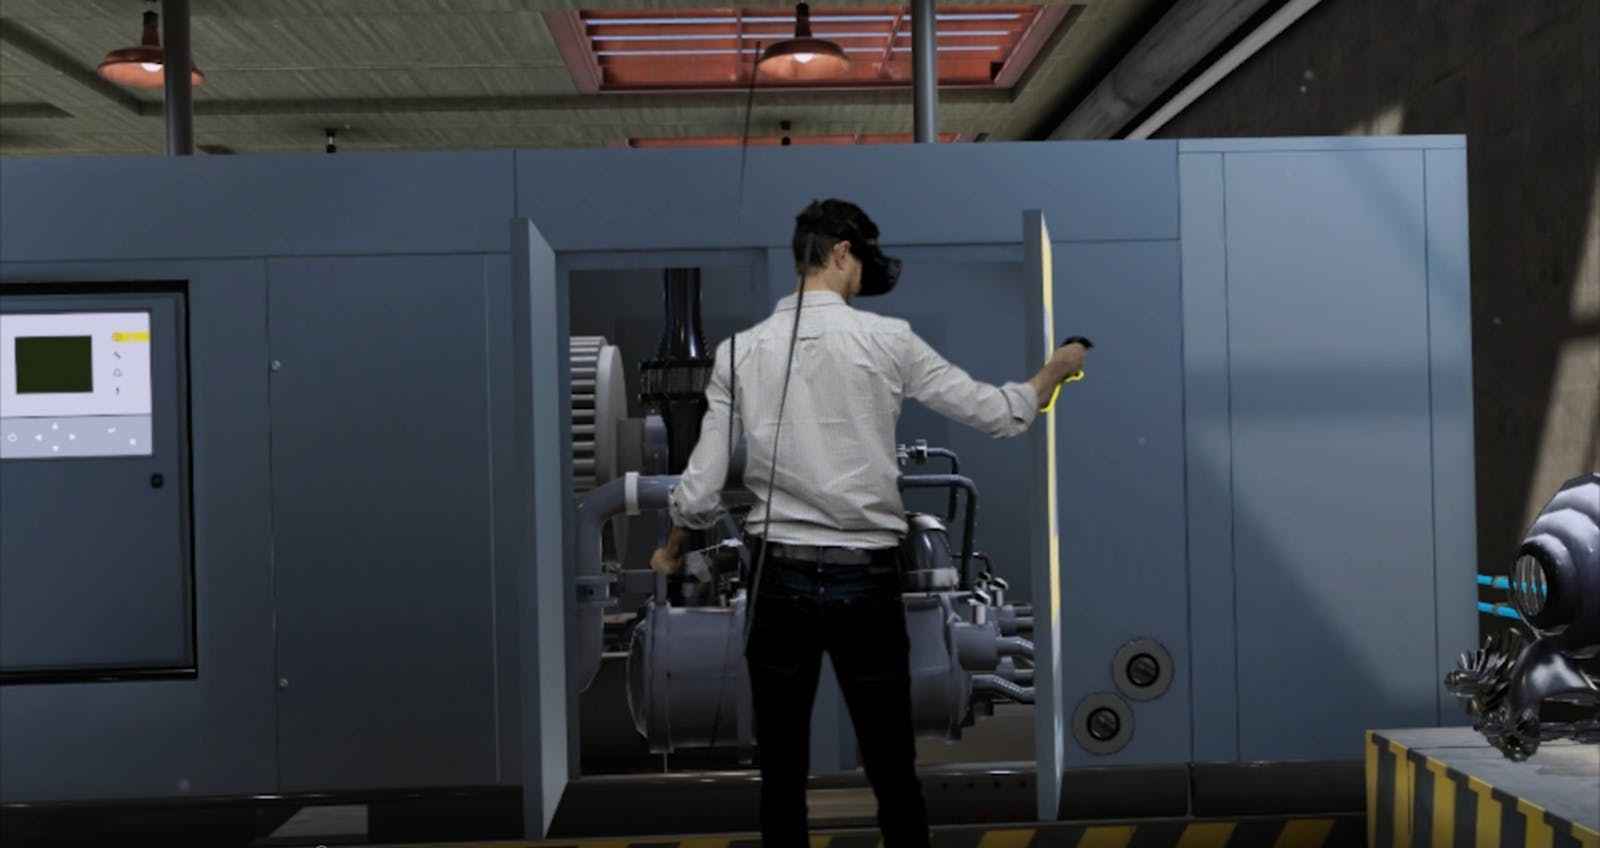 Atlas copco in depth vr machine training 01